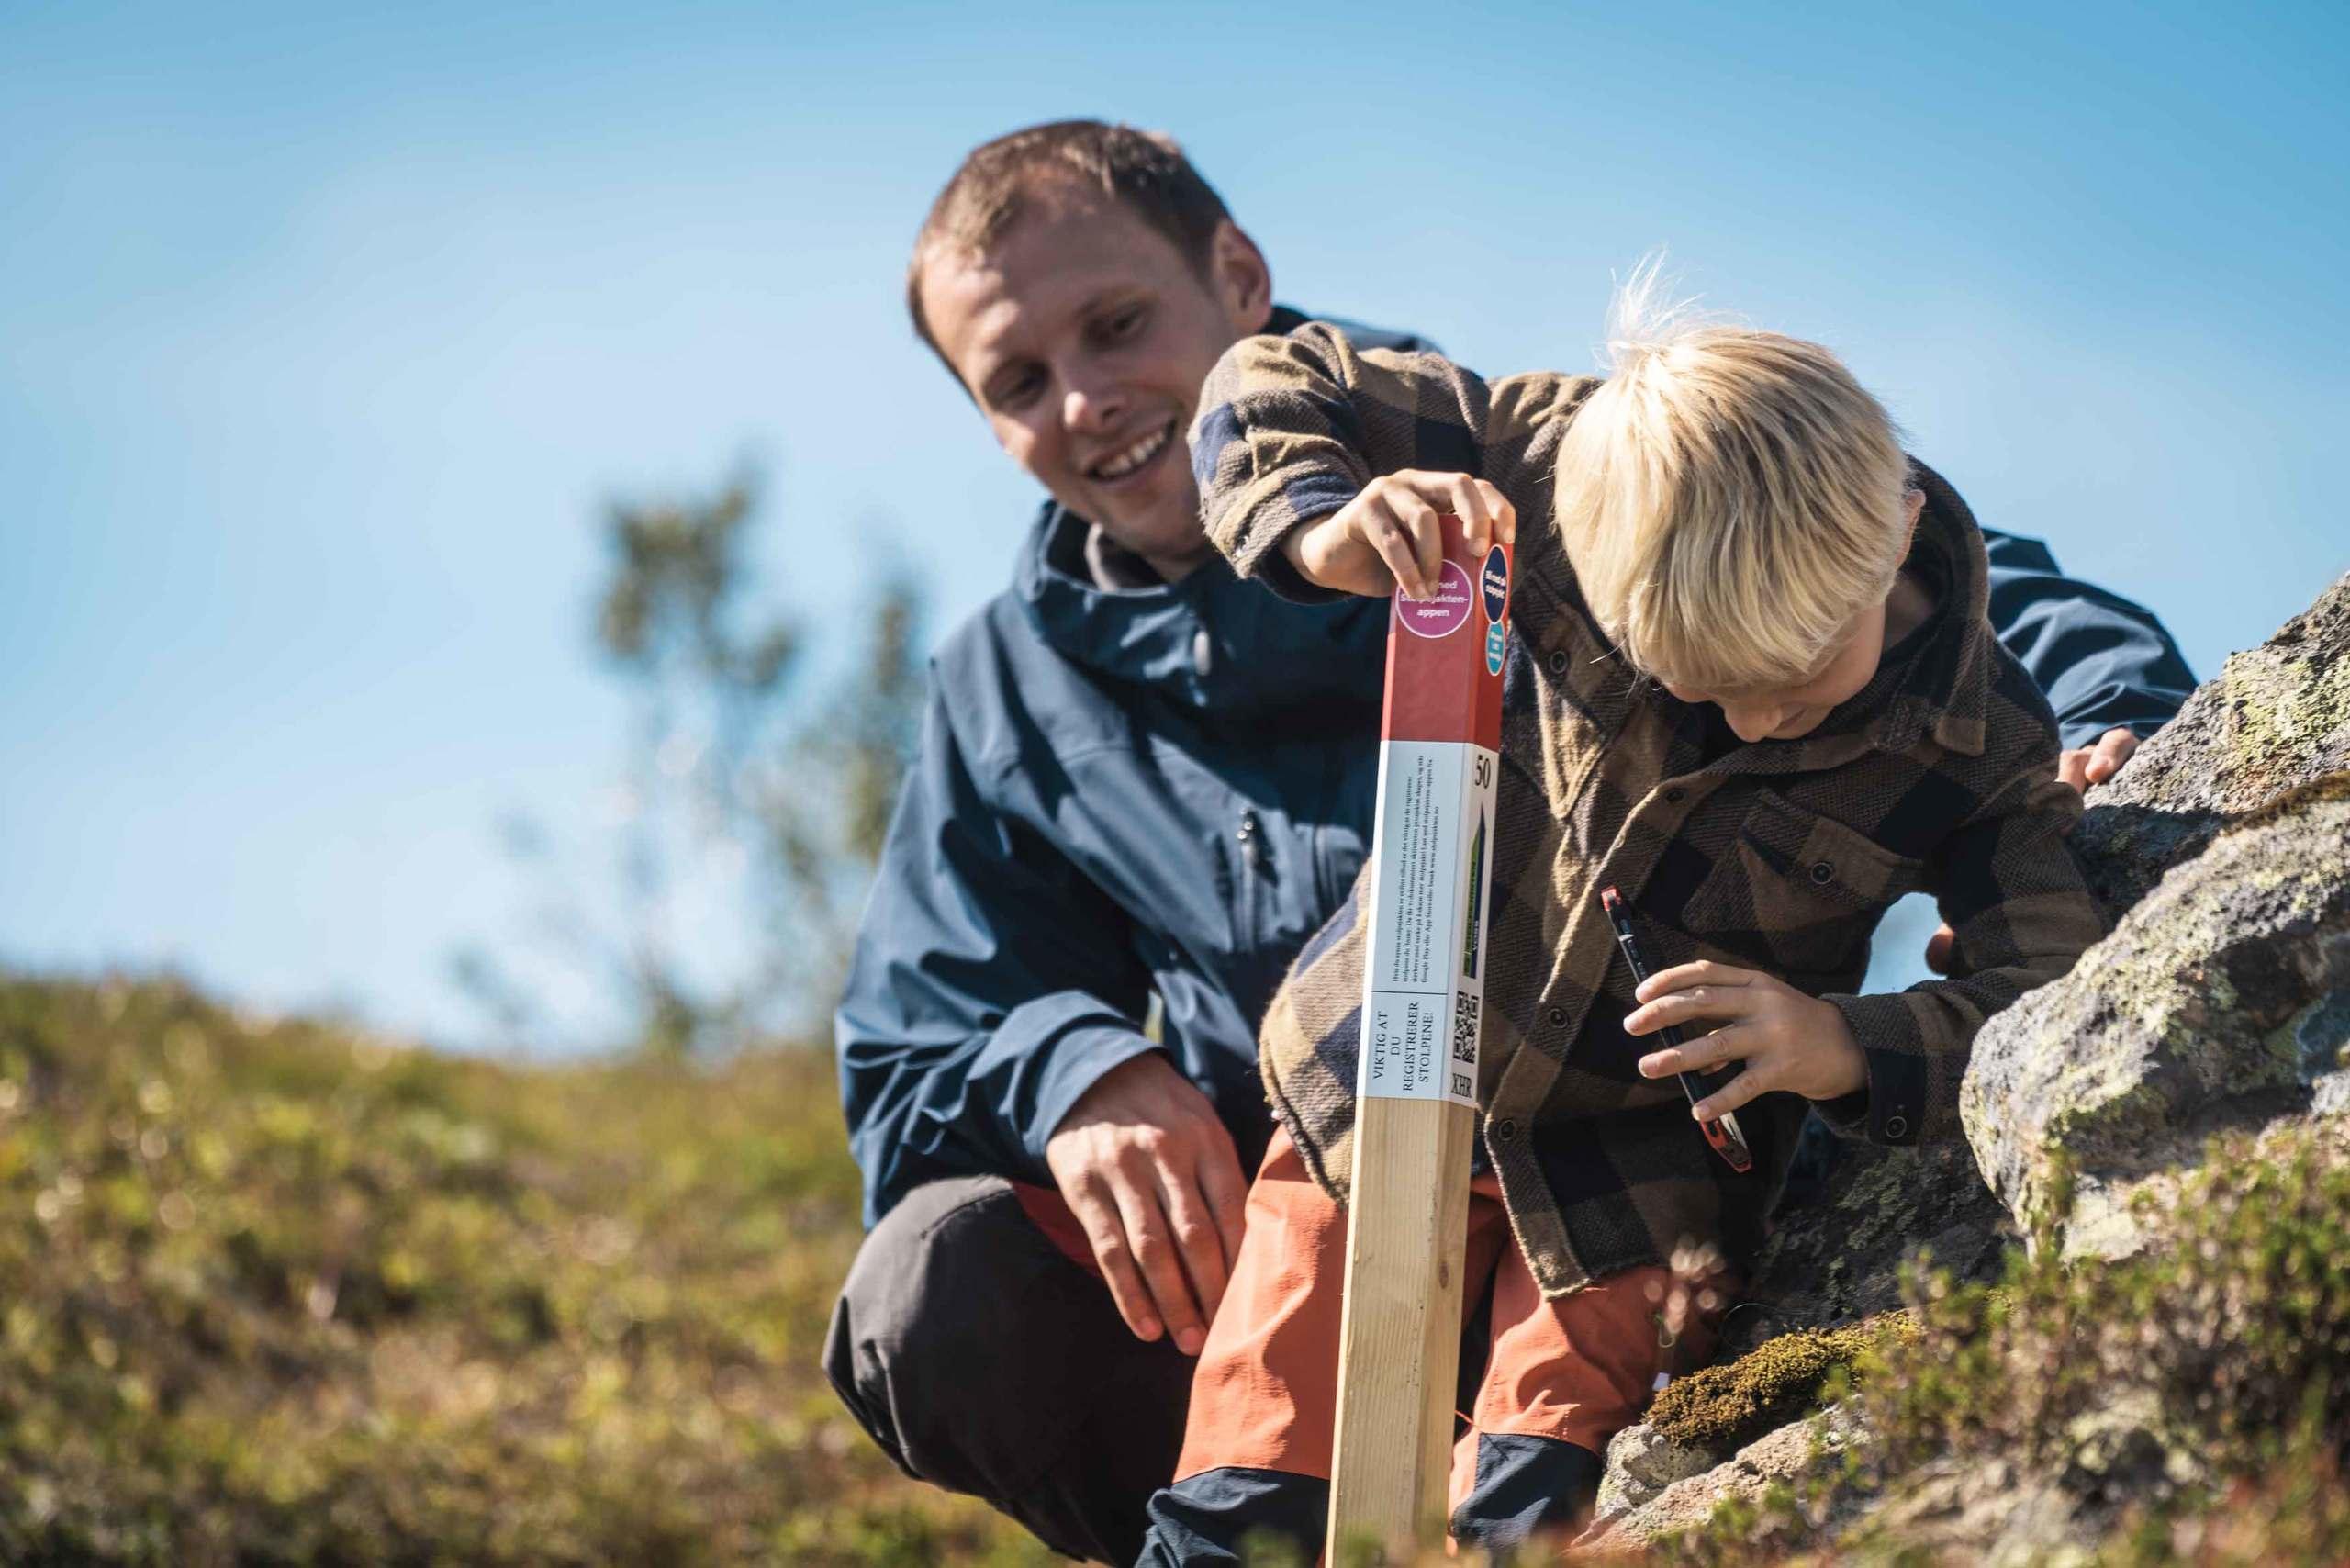 Stolpejakt på Hanguren. Kjekt for heile familien! Foto: Jon Hunnålvatn Tøn